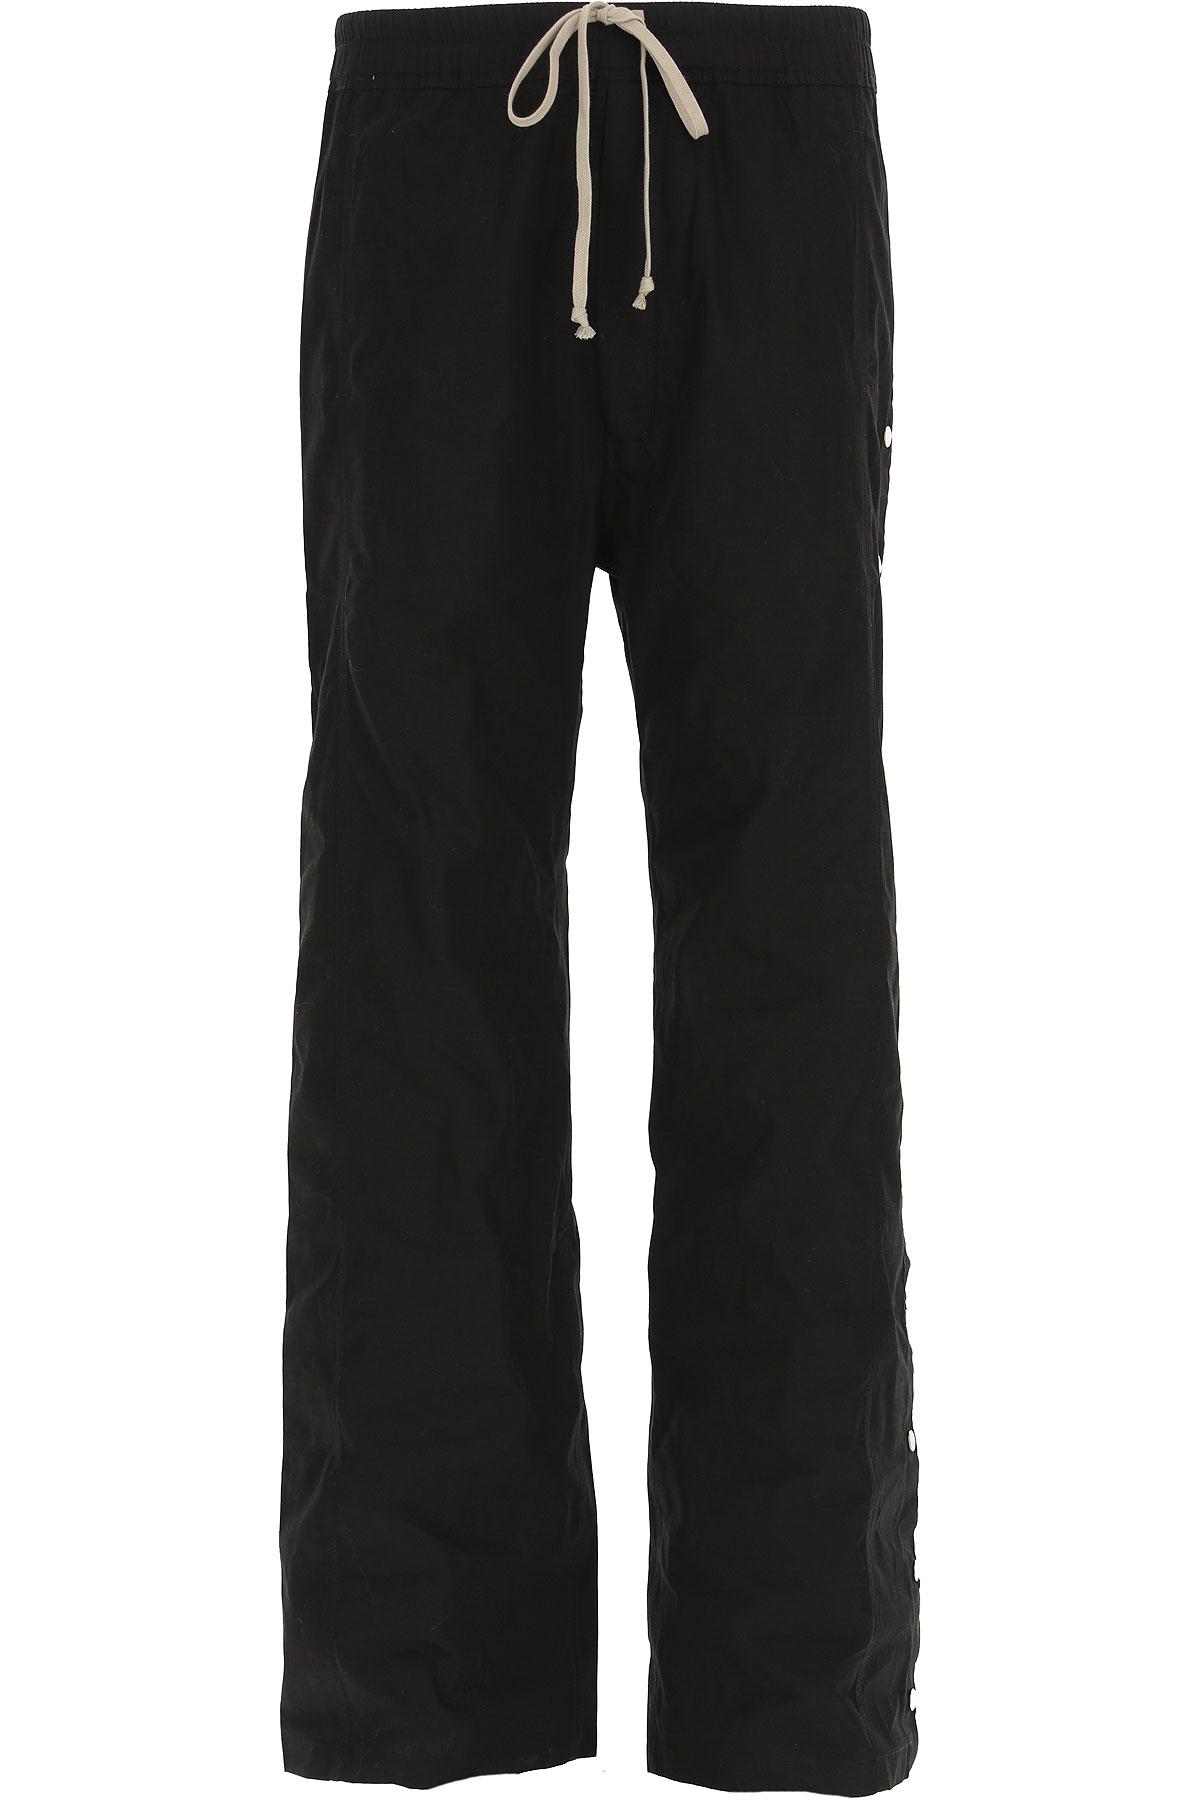 Rick Owens DRKSHDW Pants for Men On Sale in Outlet, Black, Cotton, 2019, S (EU 46) M (EU 48)